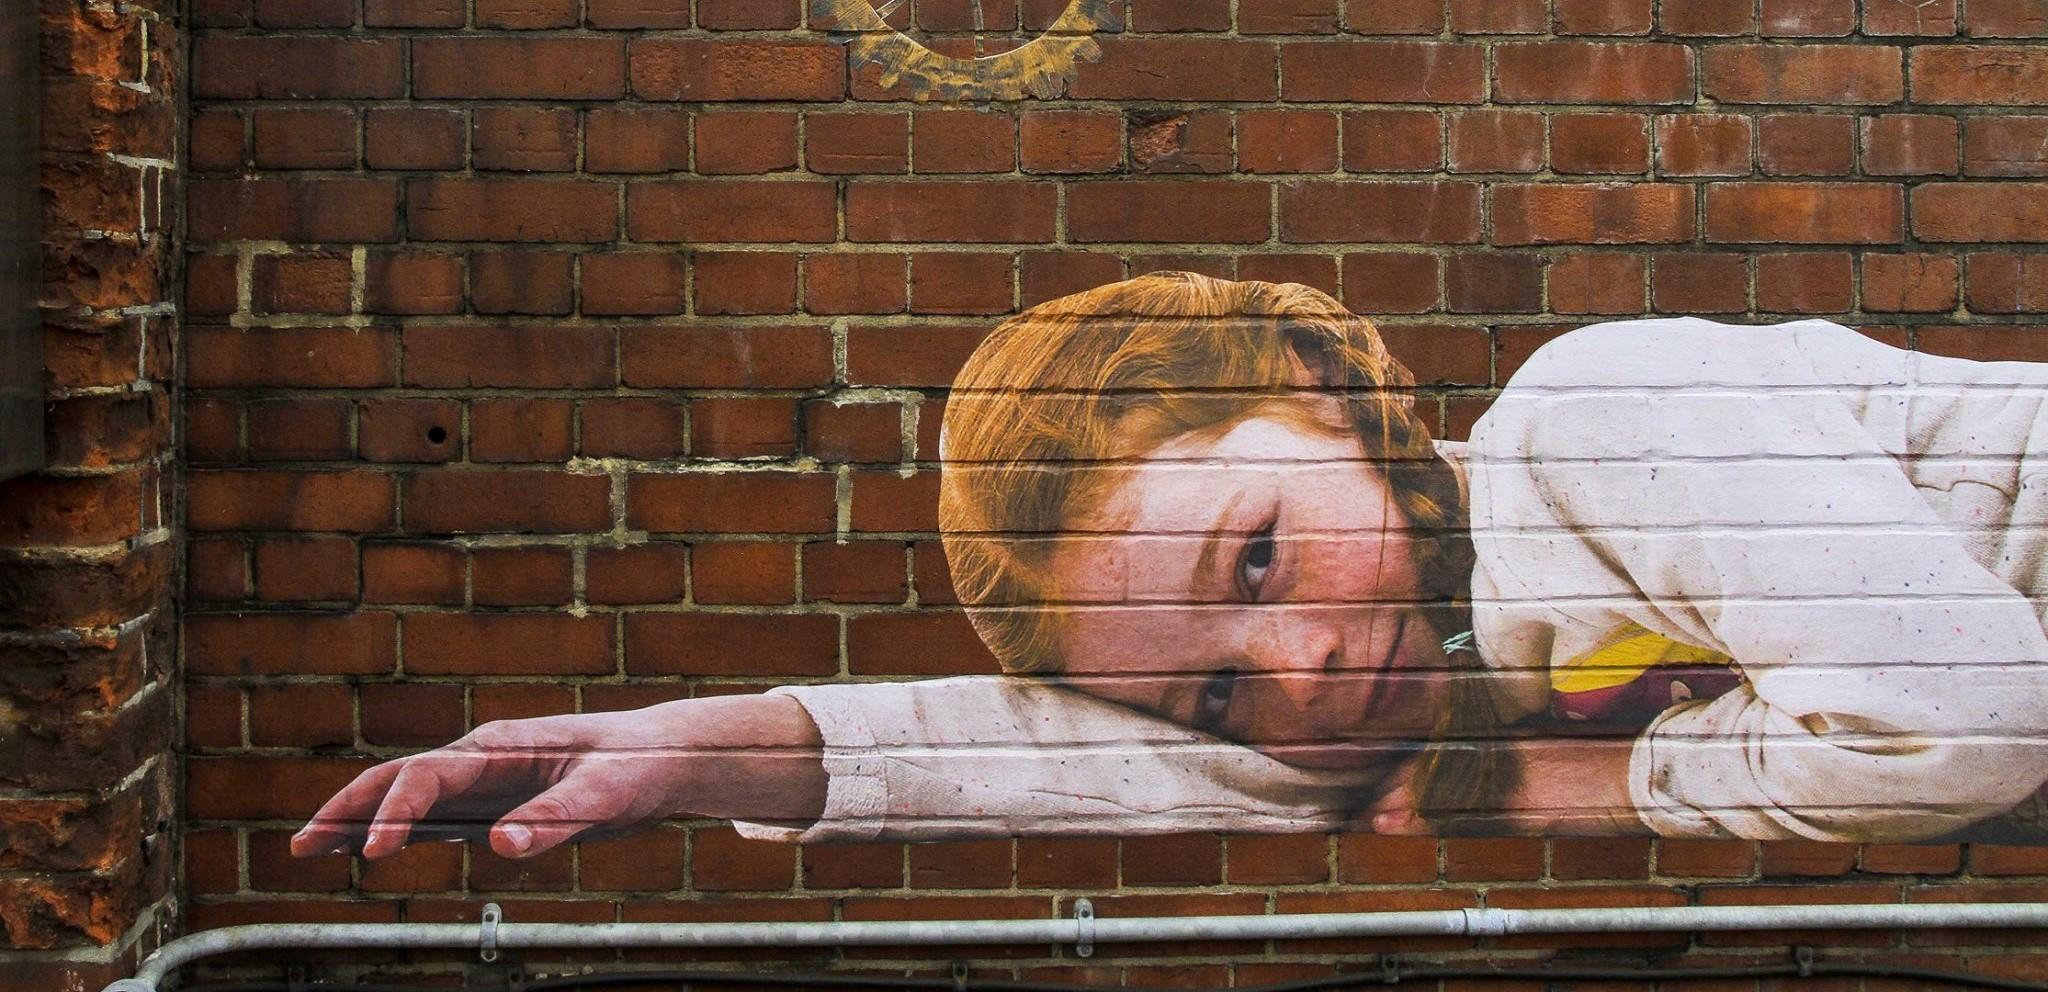 Bifido, l'arte urbana che comunica la realtà – Intervista